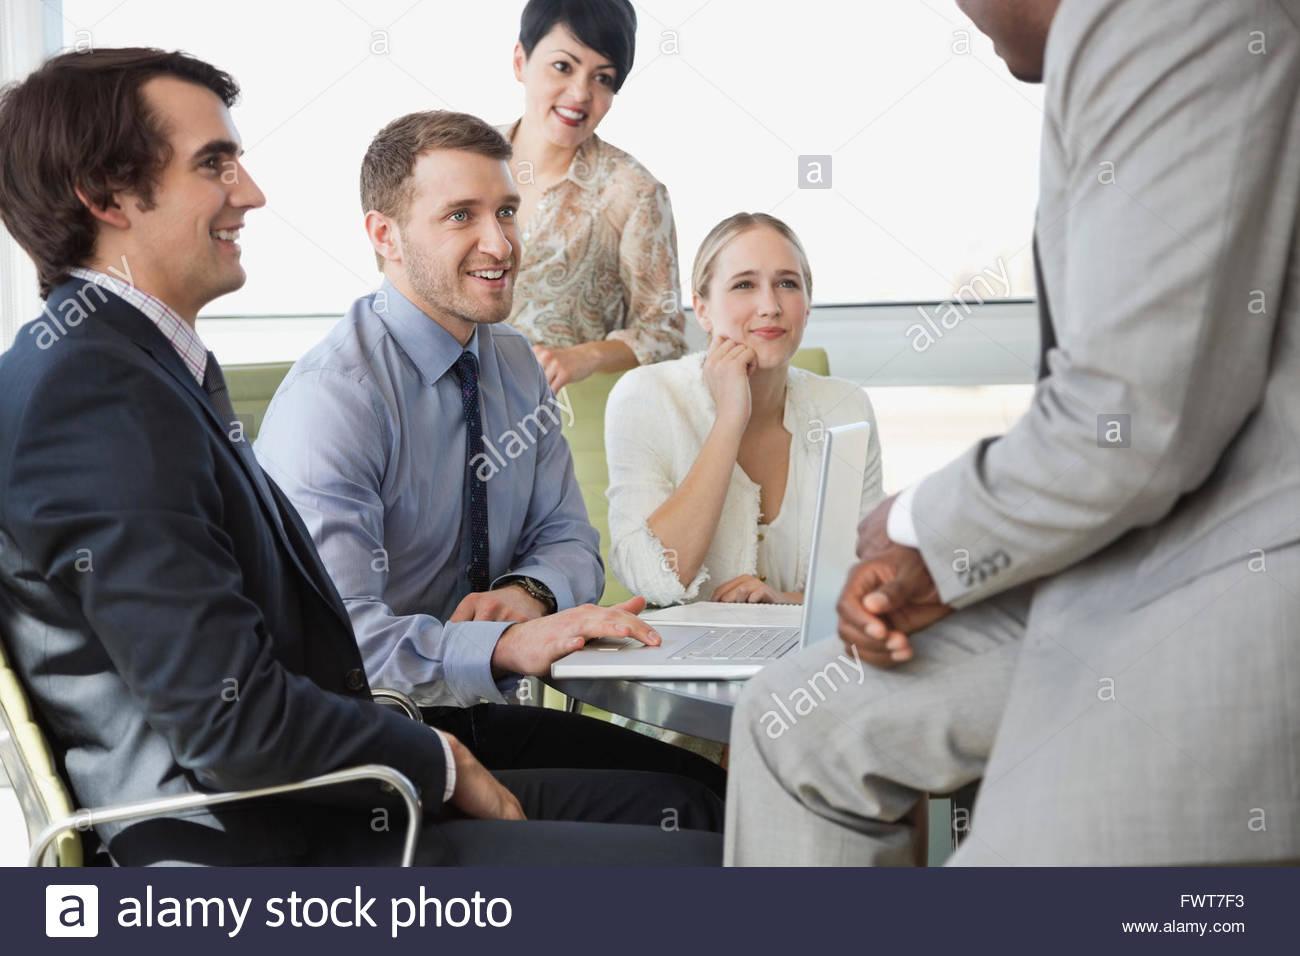 Kollegen betrachten Führer während der Sitzung im Sitzungssaal Stockbild